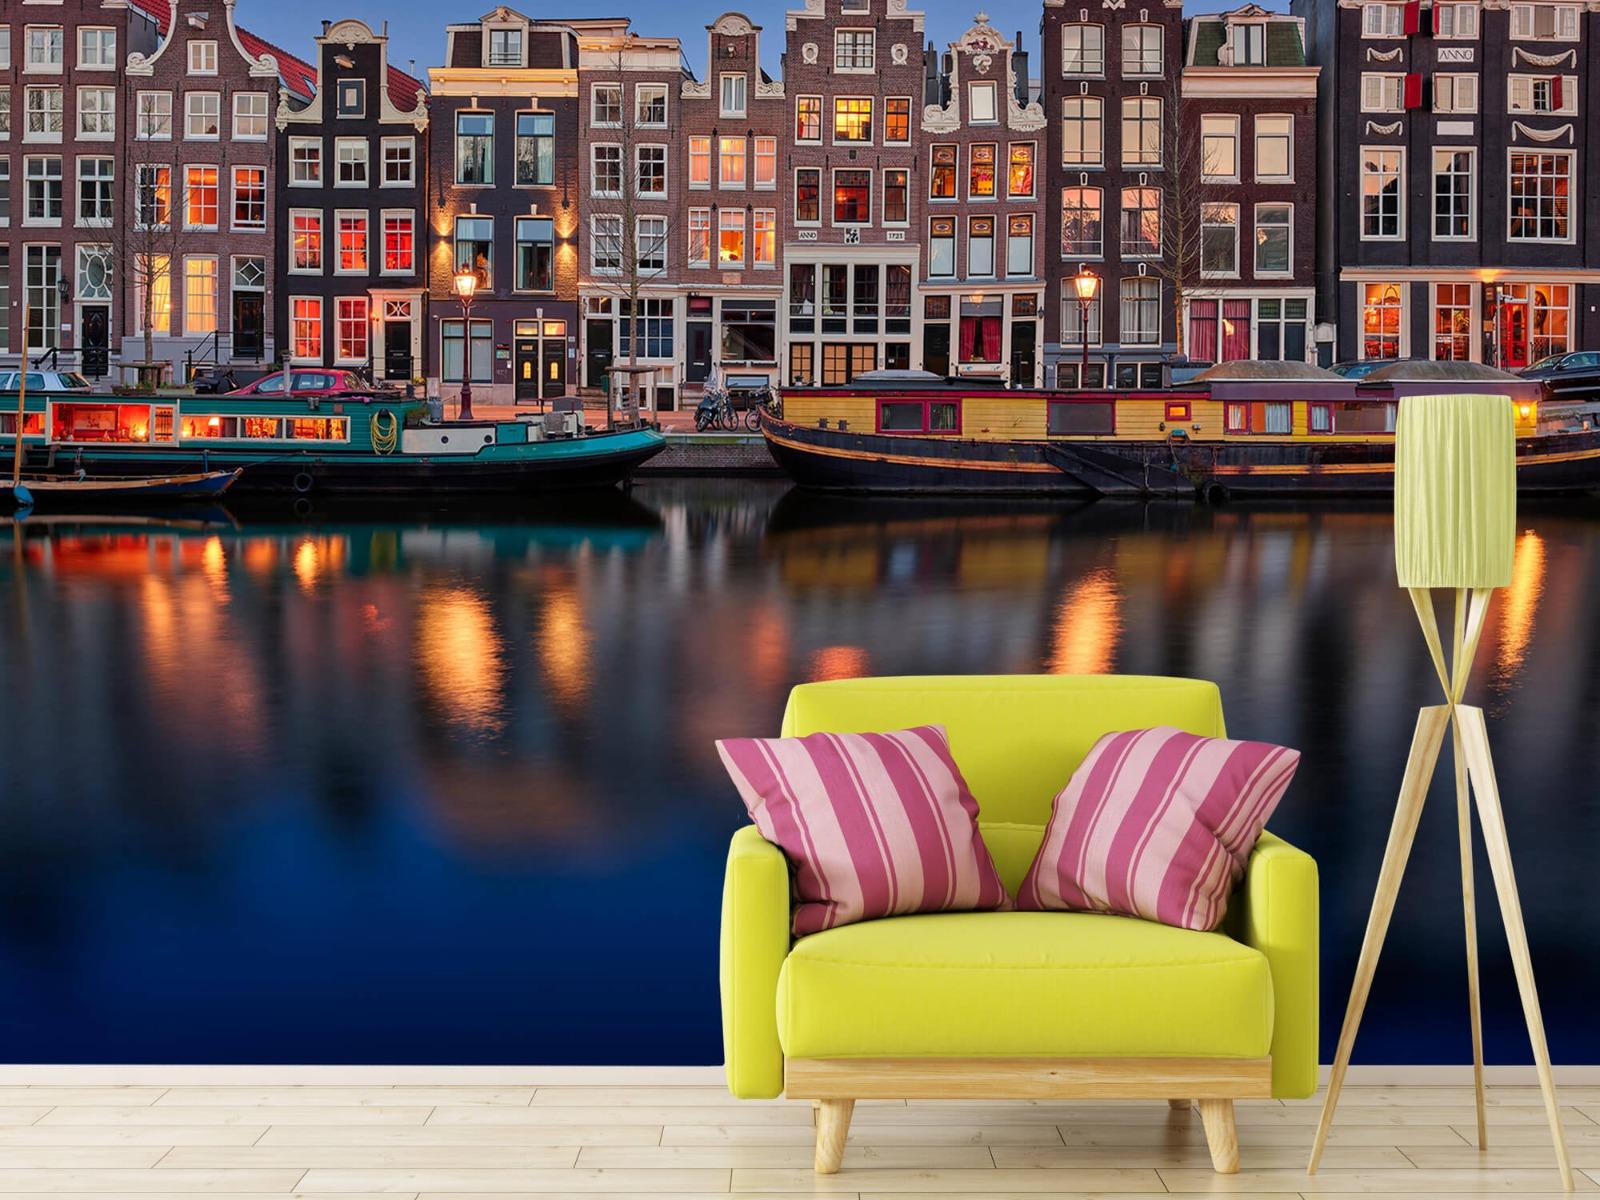 Architectuur - Grachtenpanden Amsterdam - Tienerkamer 17